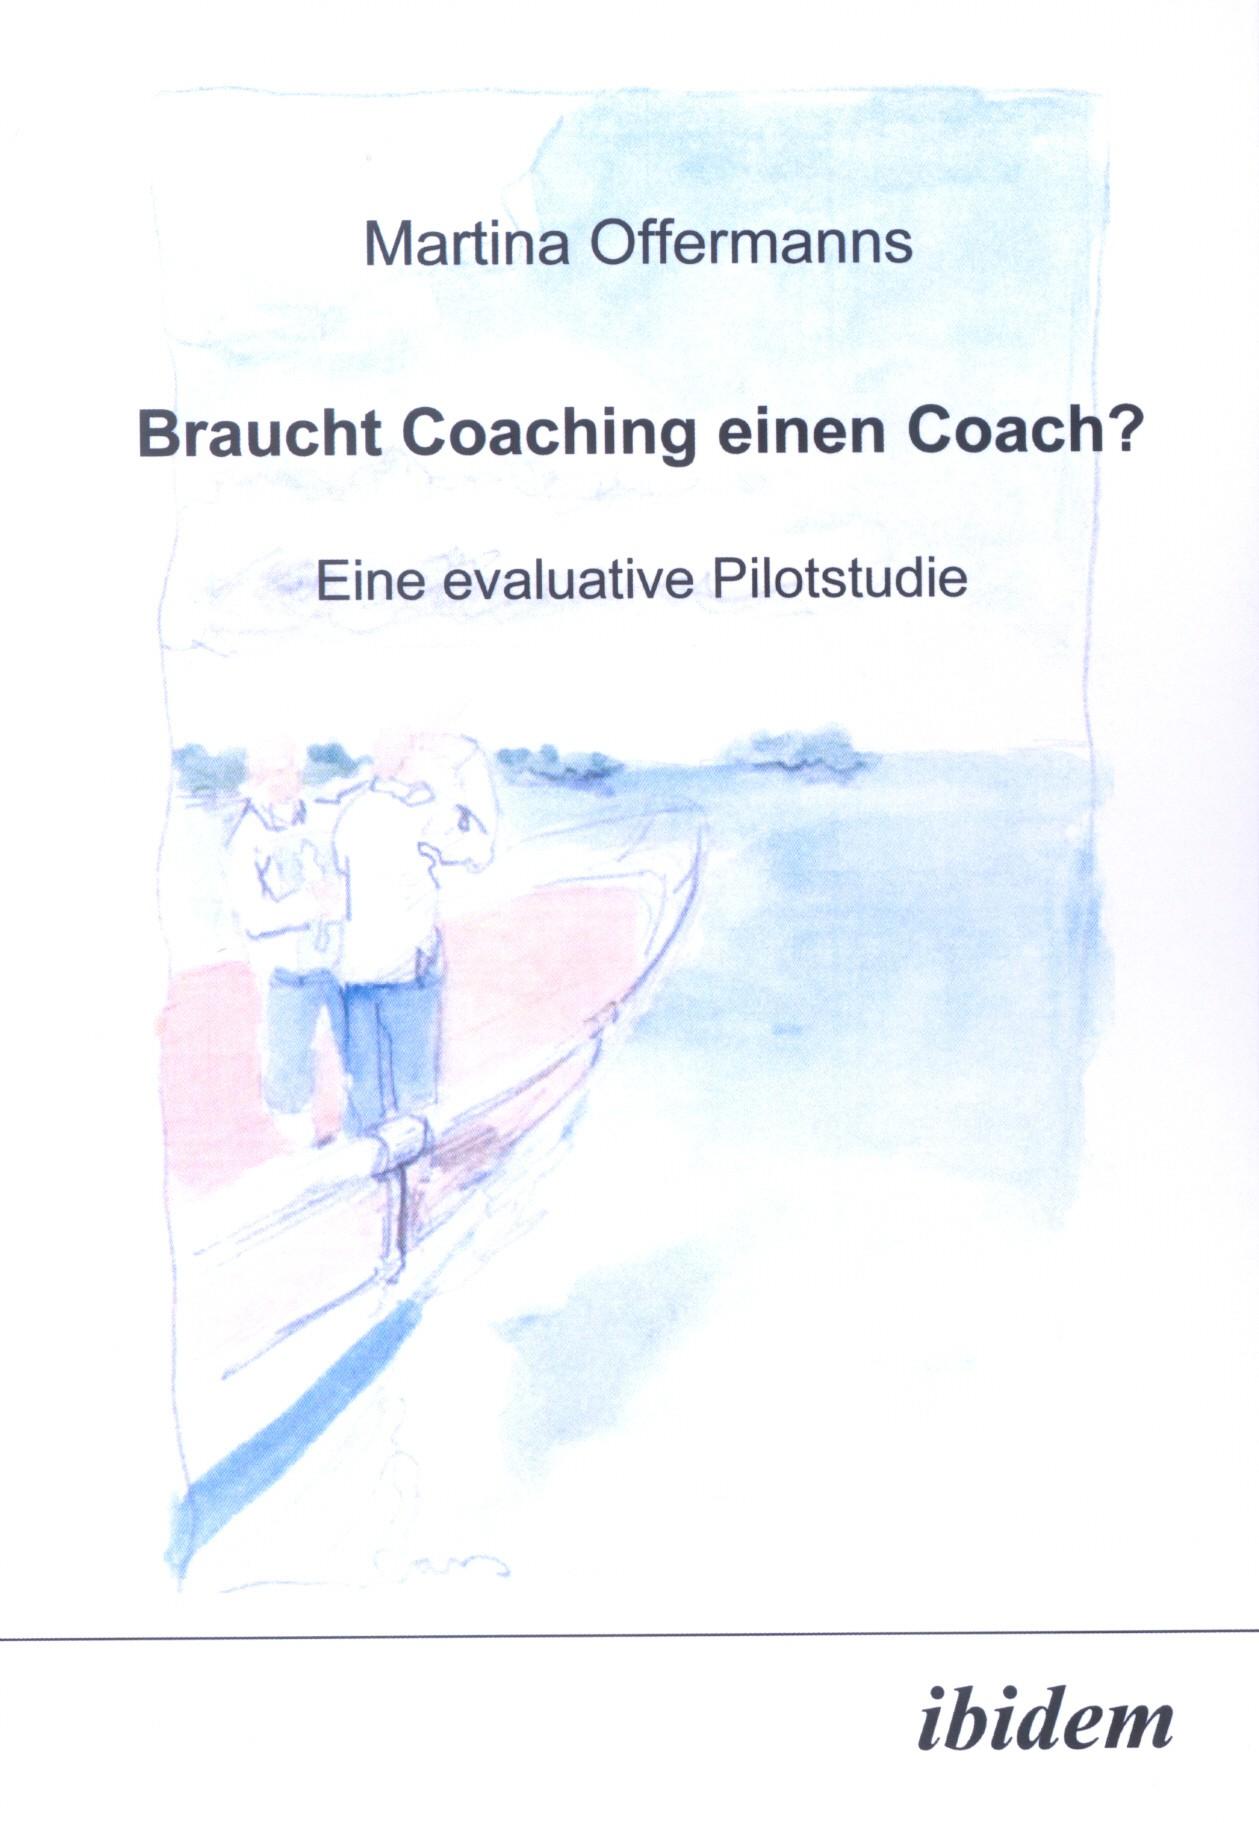 Braucht Coaching einen Coach? Eine evaluative Pilotstudie